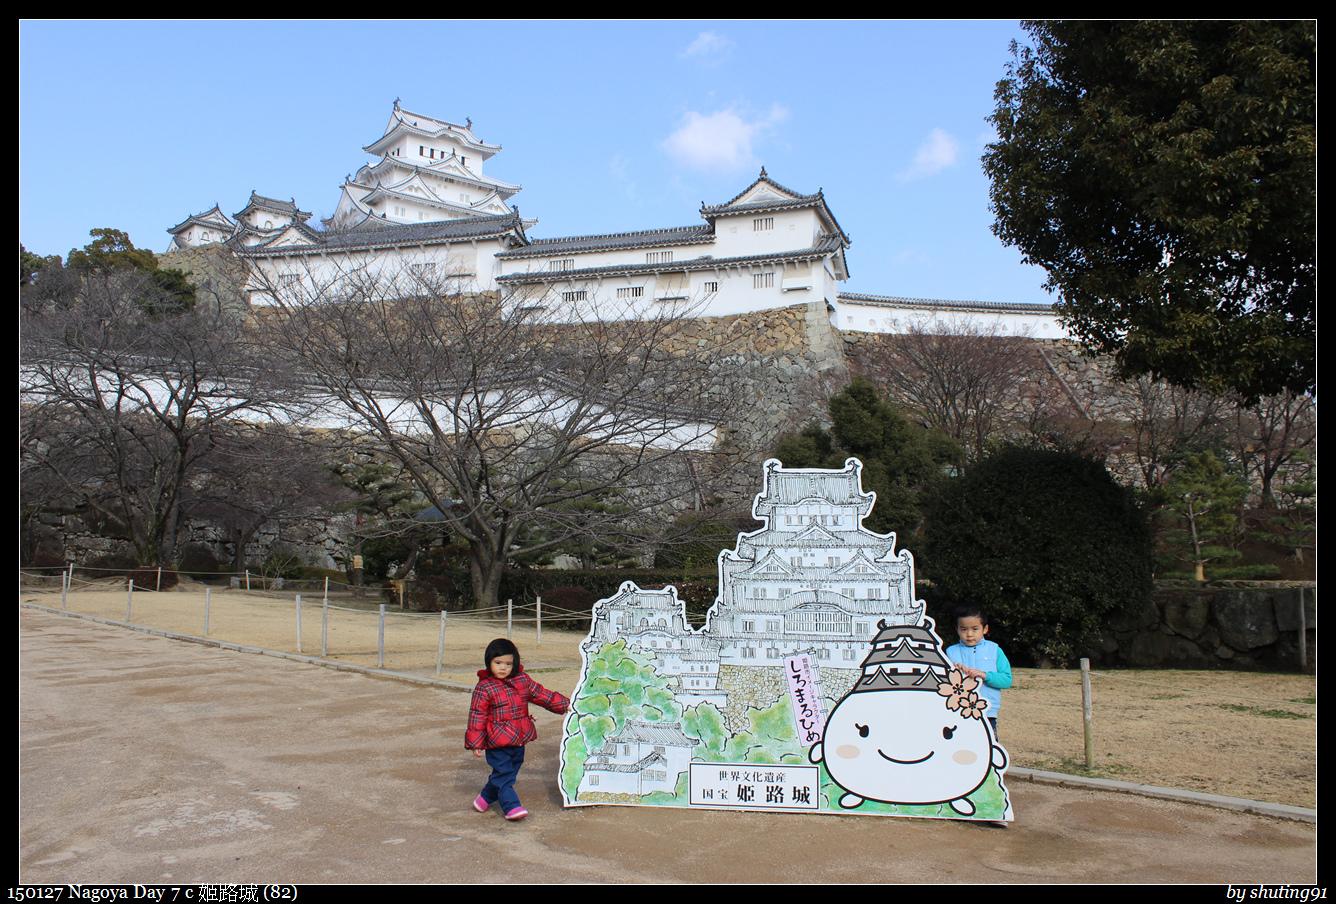 150127 Nagoya Day 7 c 姬路城 (82).jpg